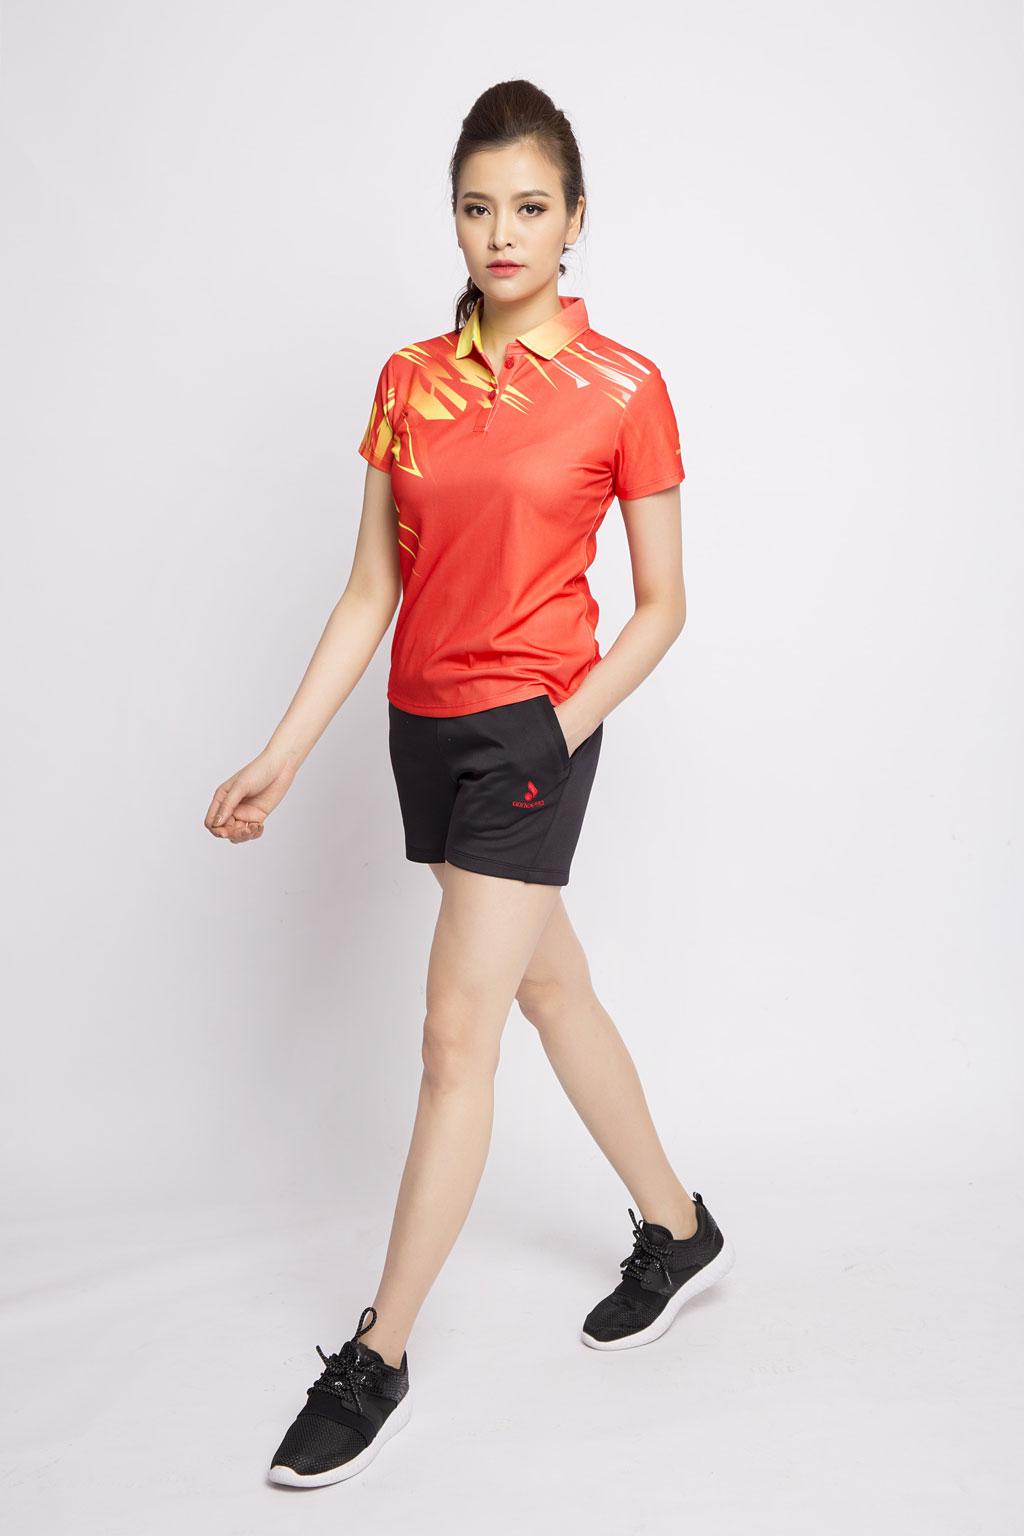 Quần thể thao nữ ASC-861 đen phối đỏ